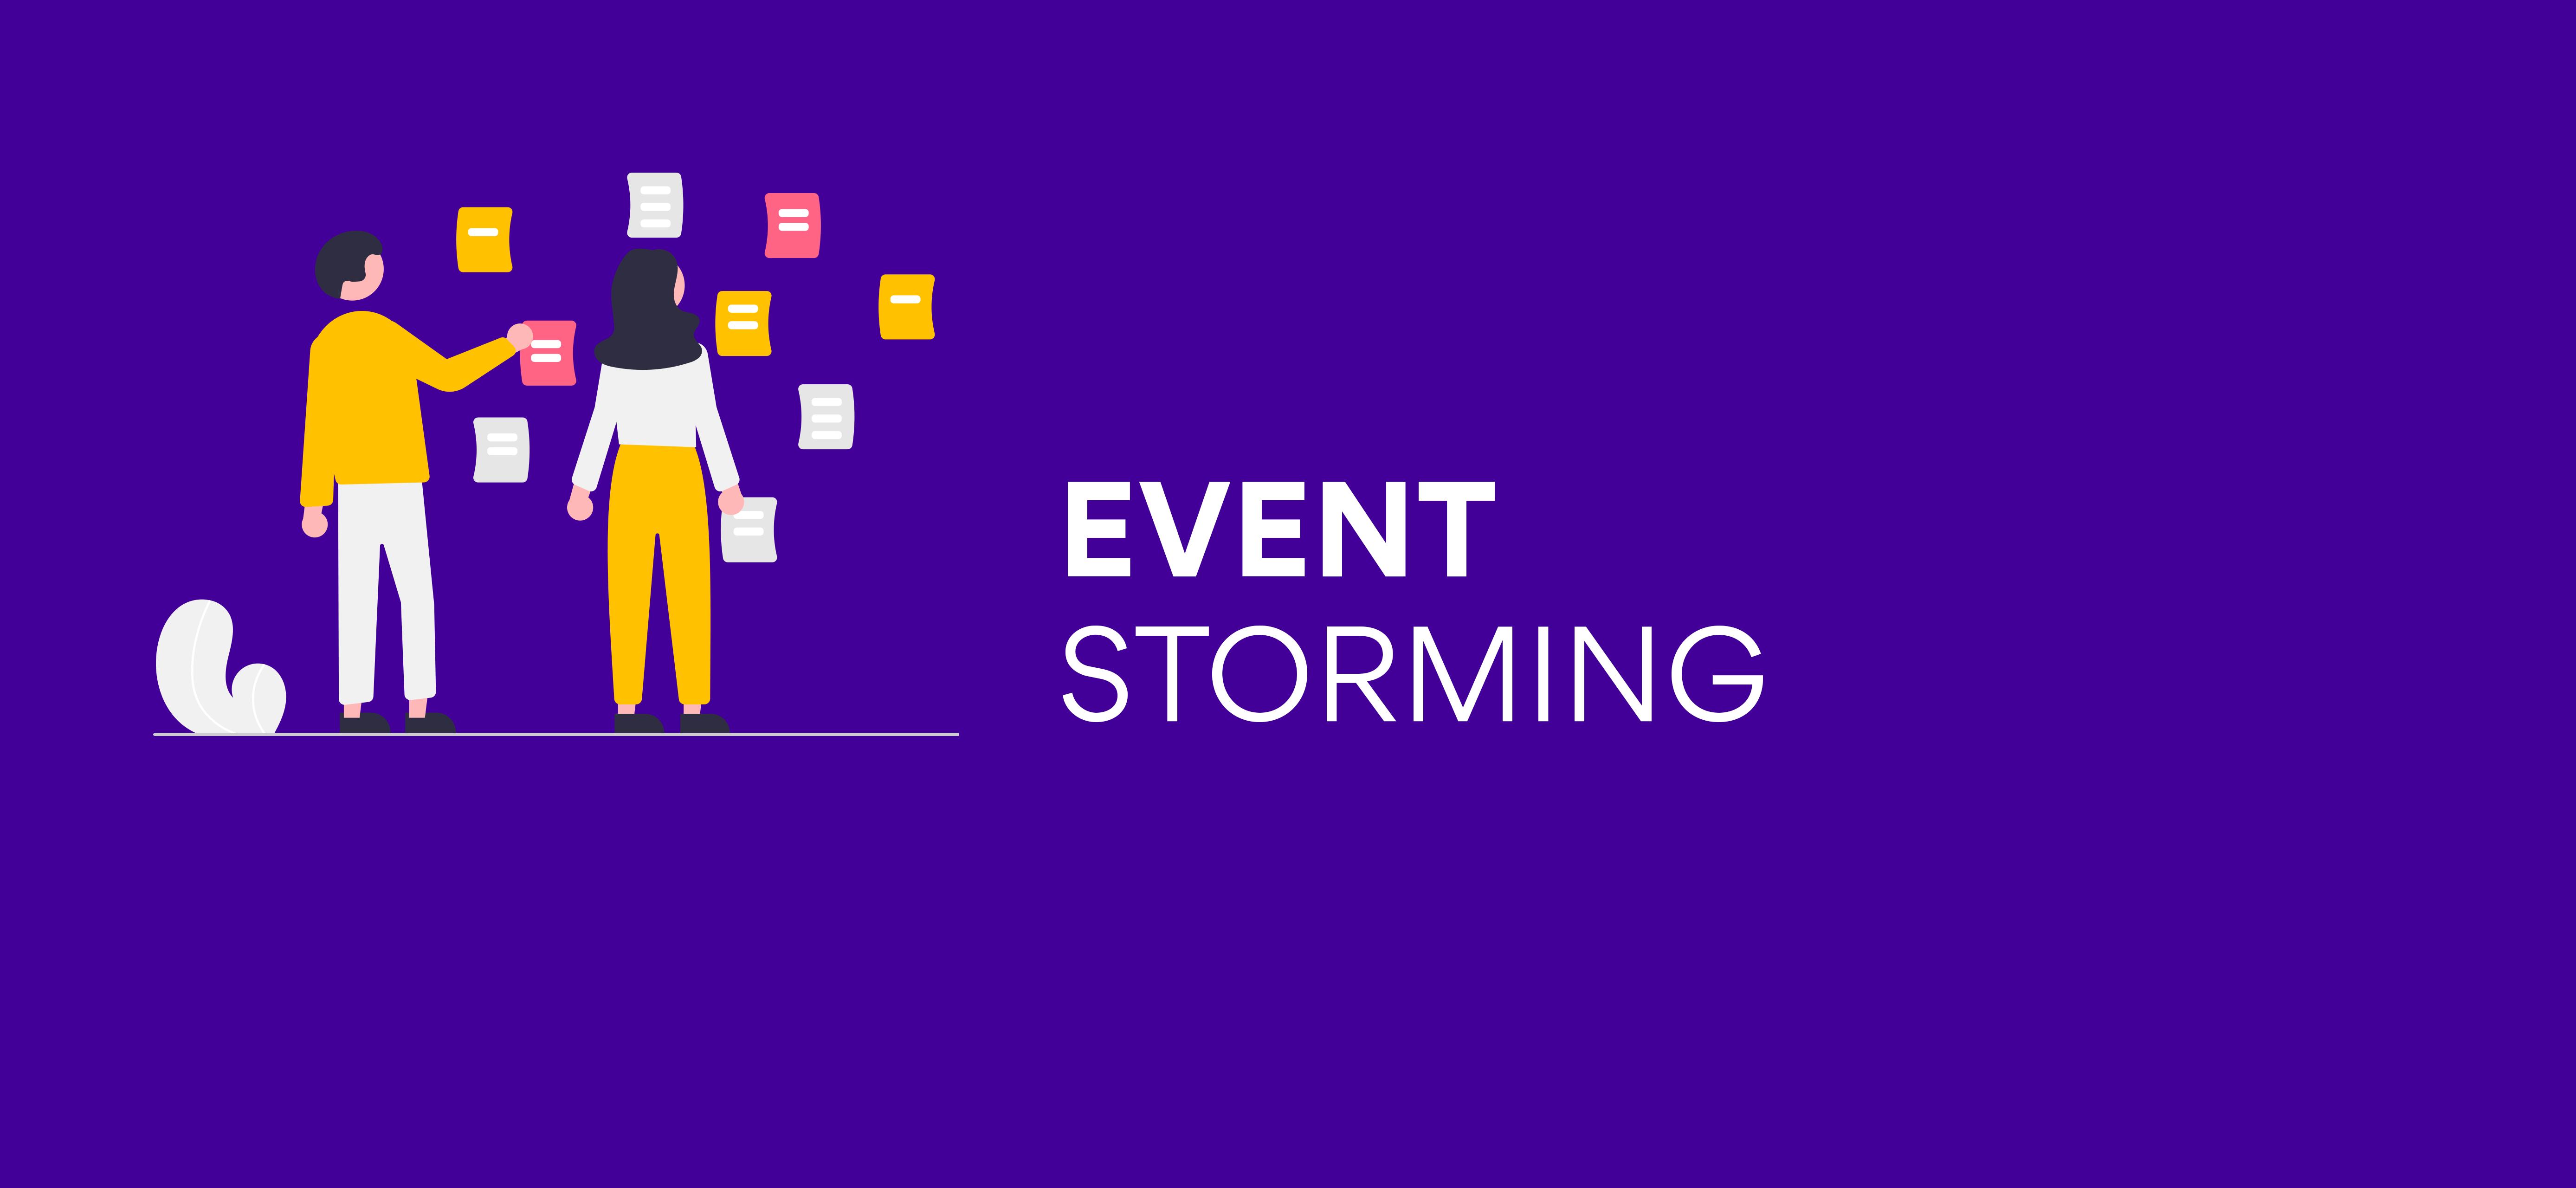 Event Storming, czyli jak wyciągnąć wszystkie informacje odbiznesu bezstosowania przemocy ;)